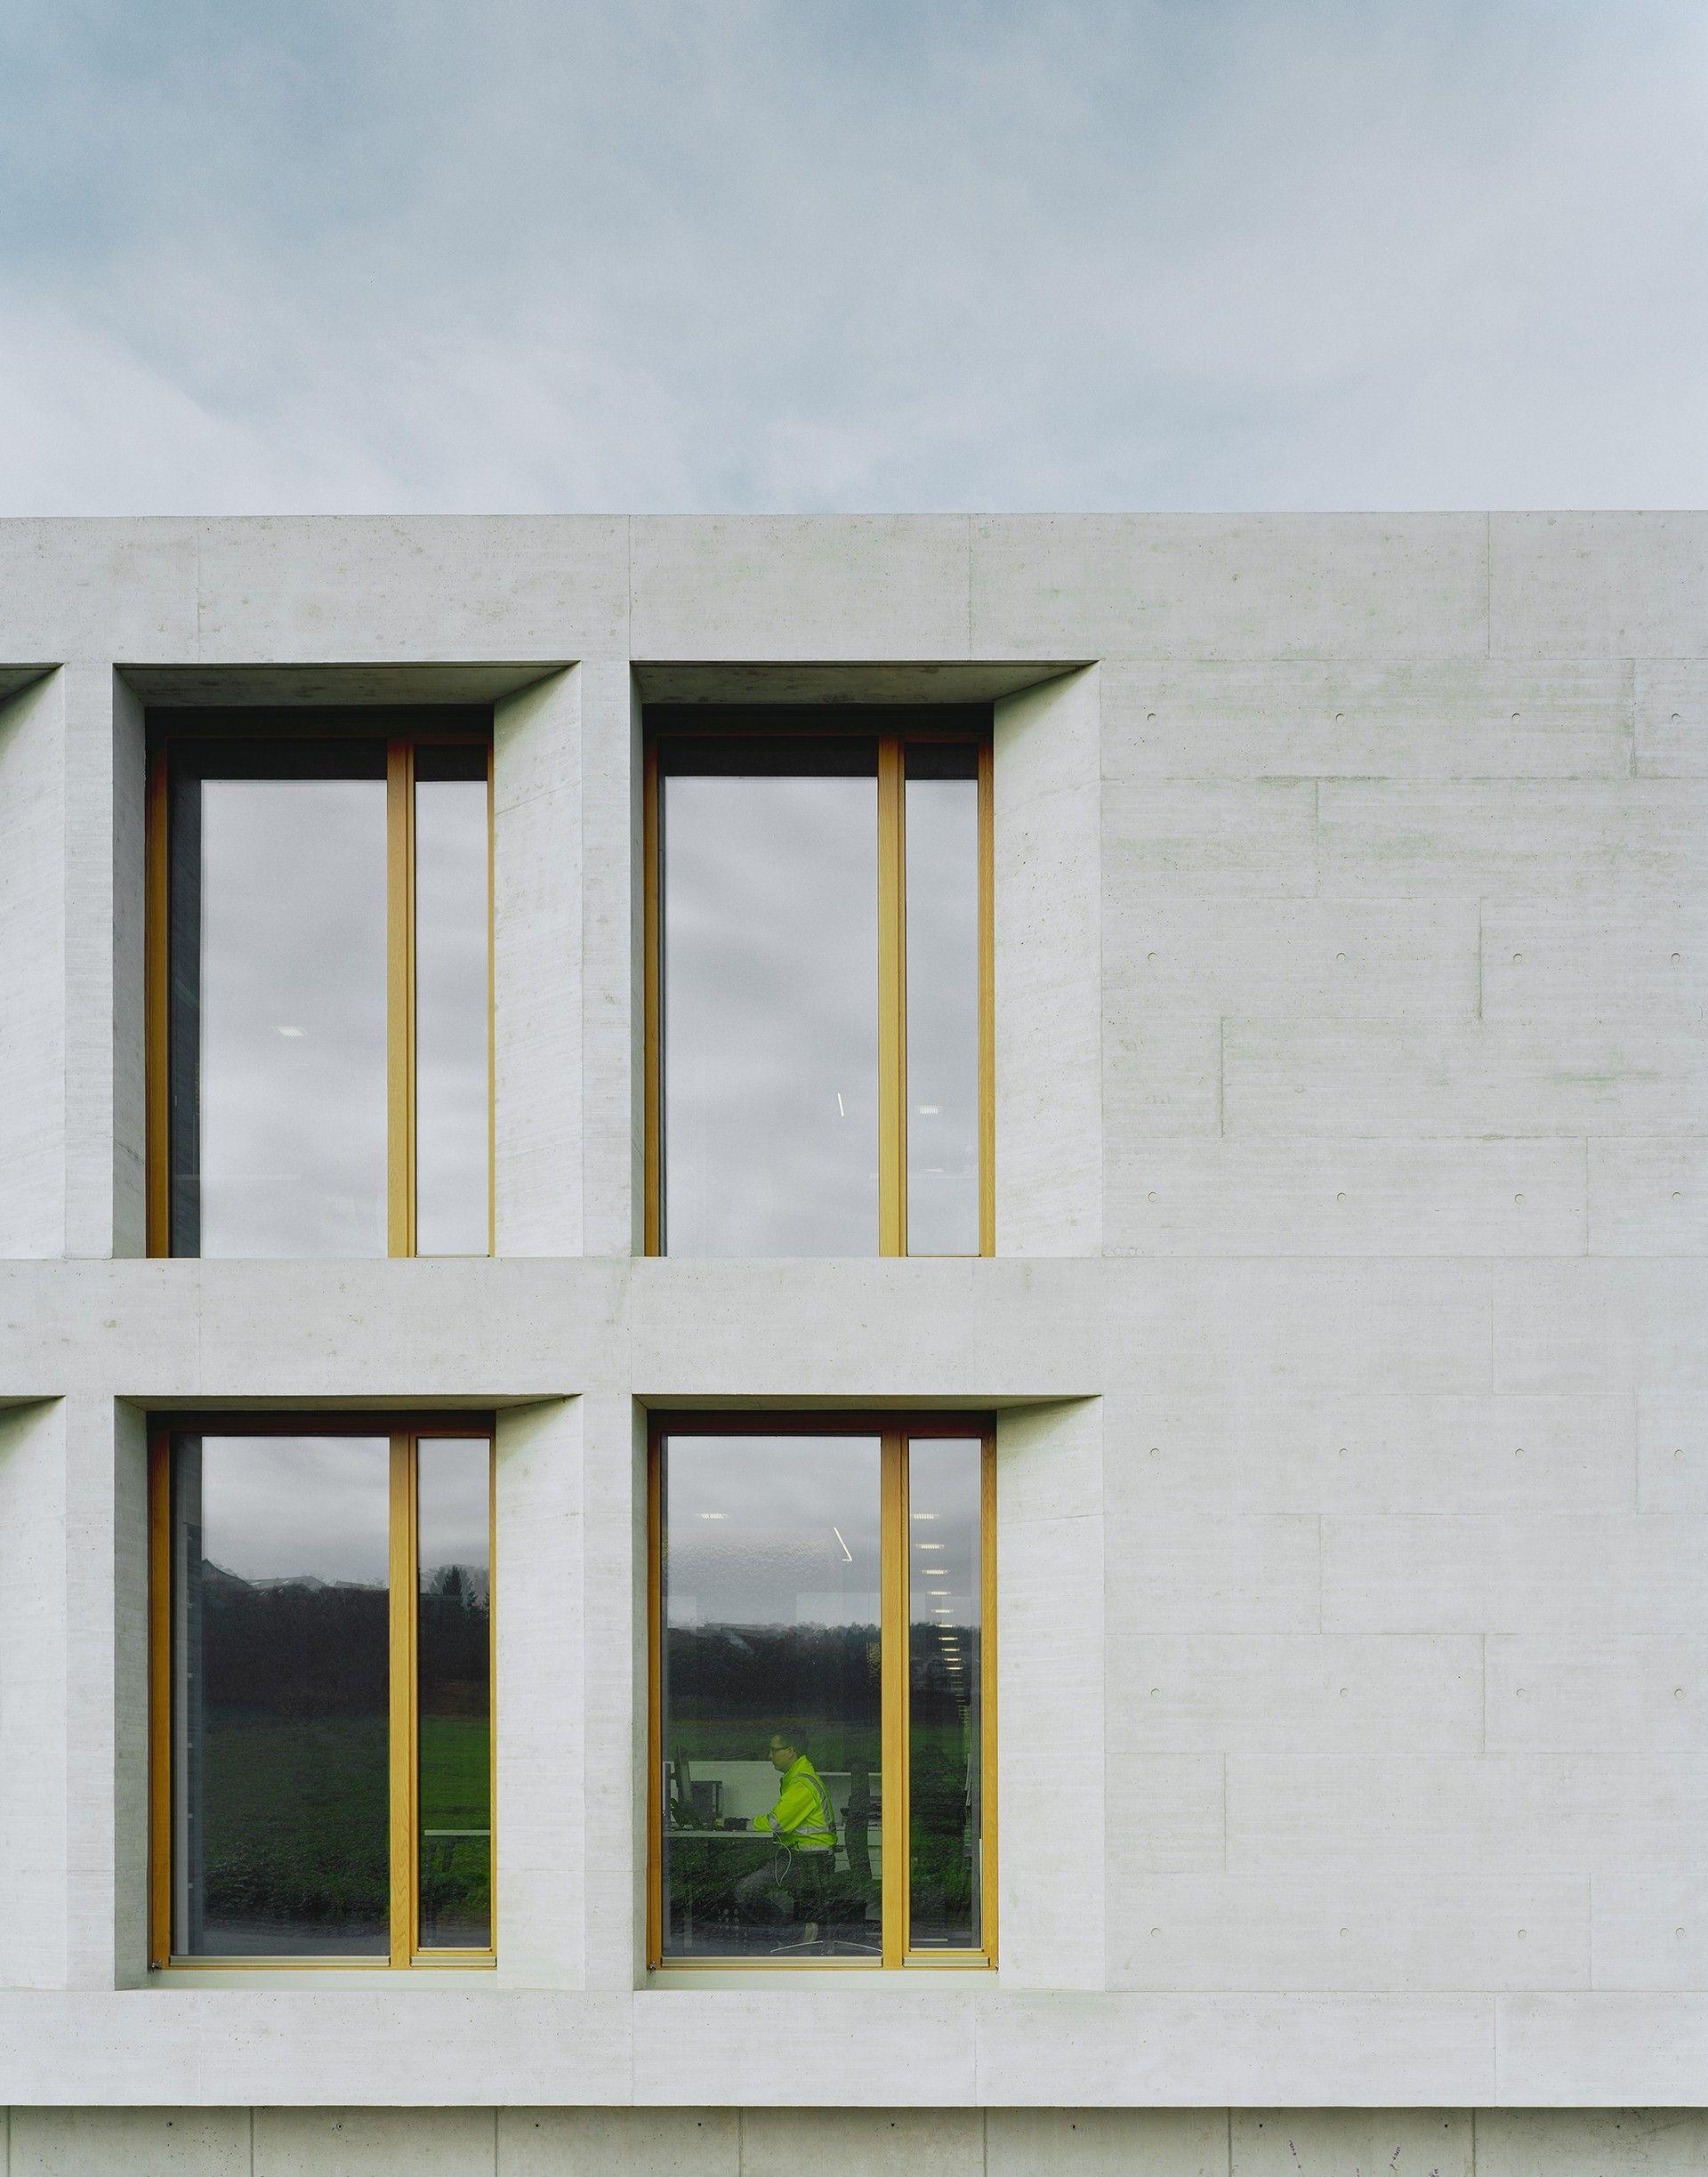 ADMINISTRATIVE AND SOCIAL BUILDING KARL KÖHLER by wittfoht ...